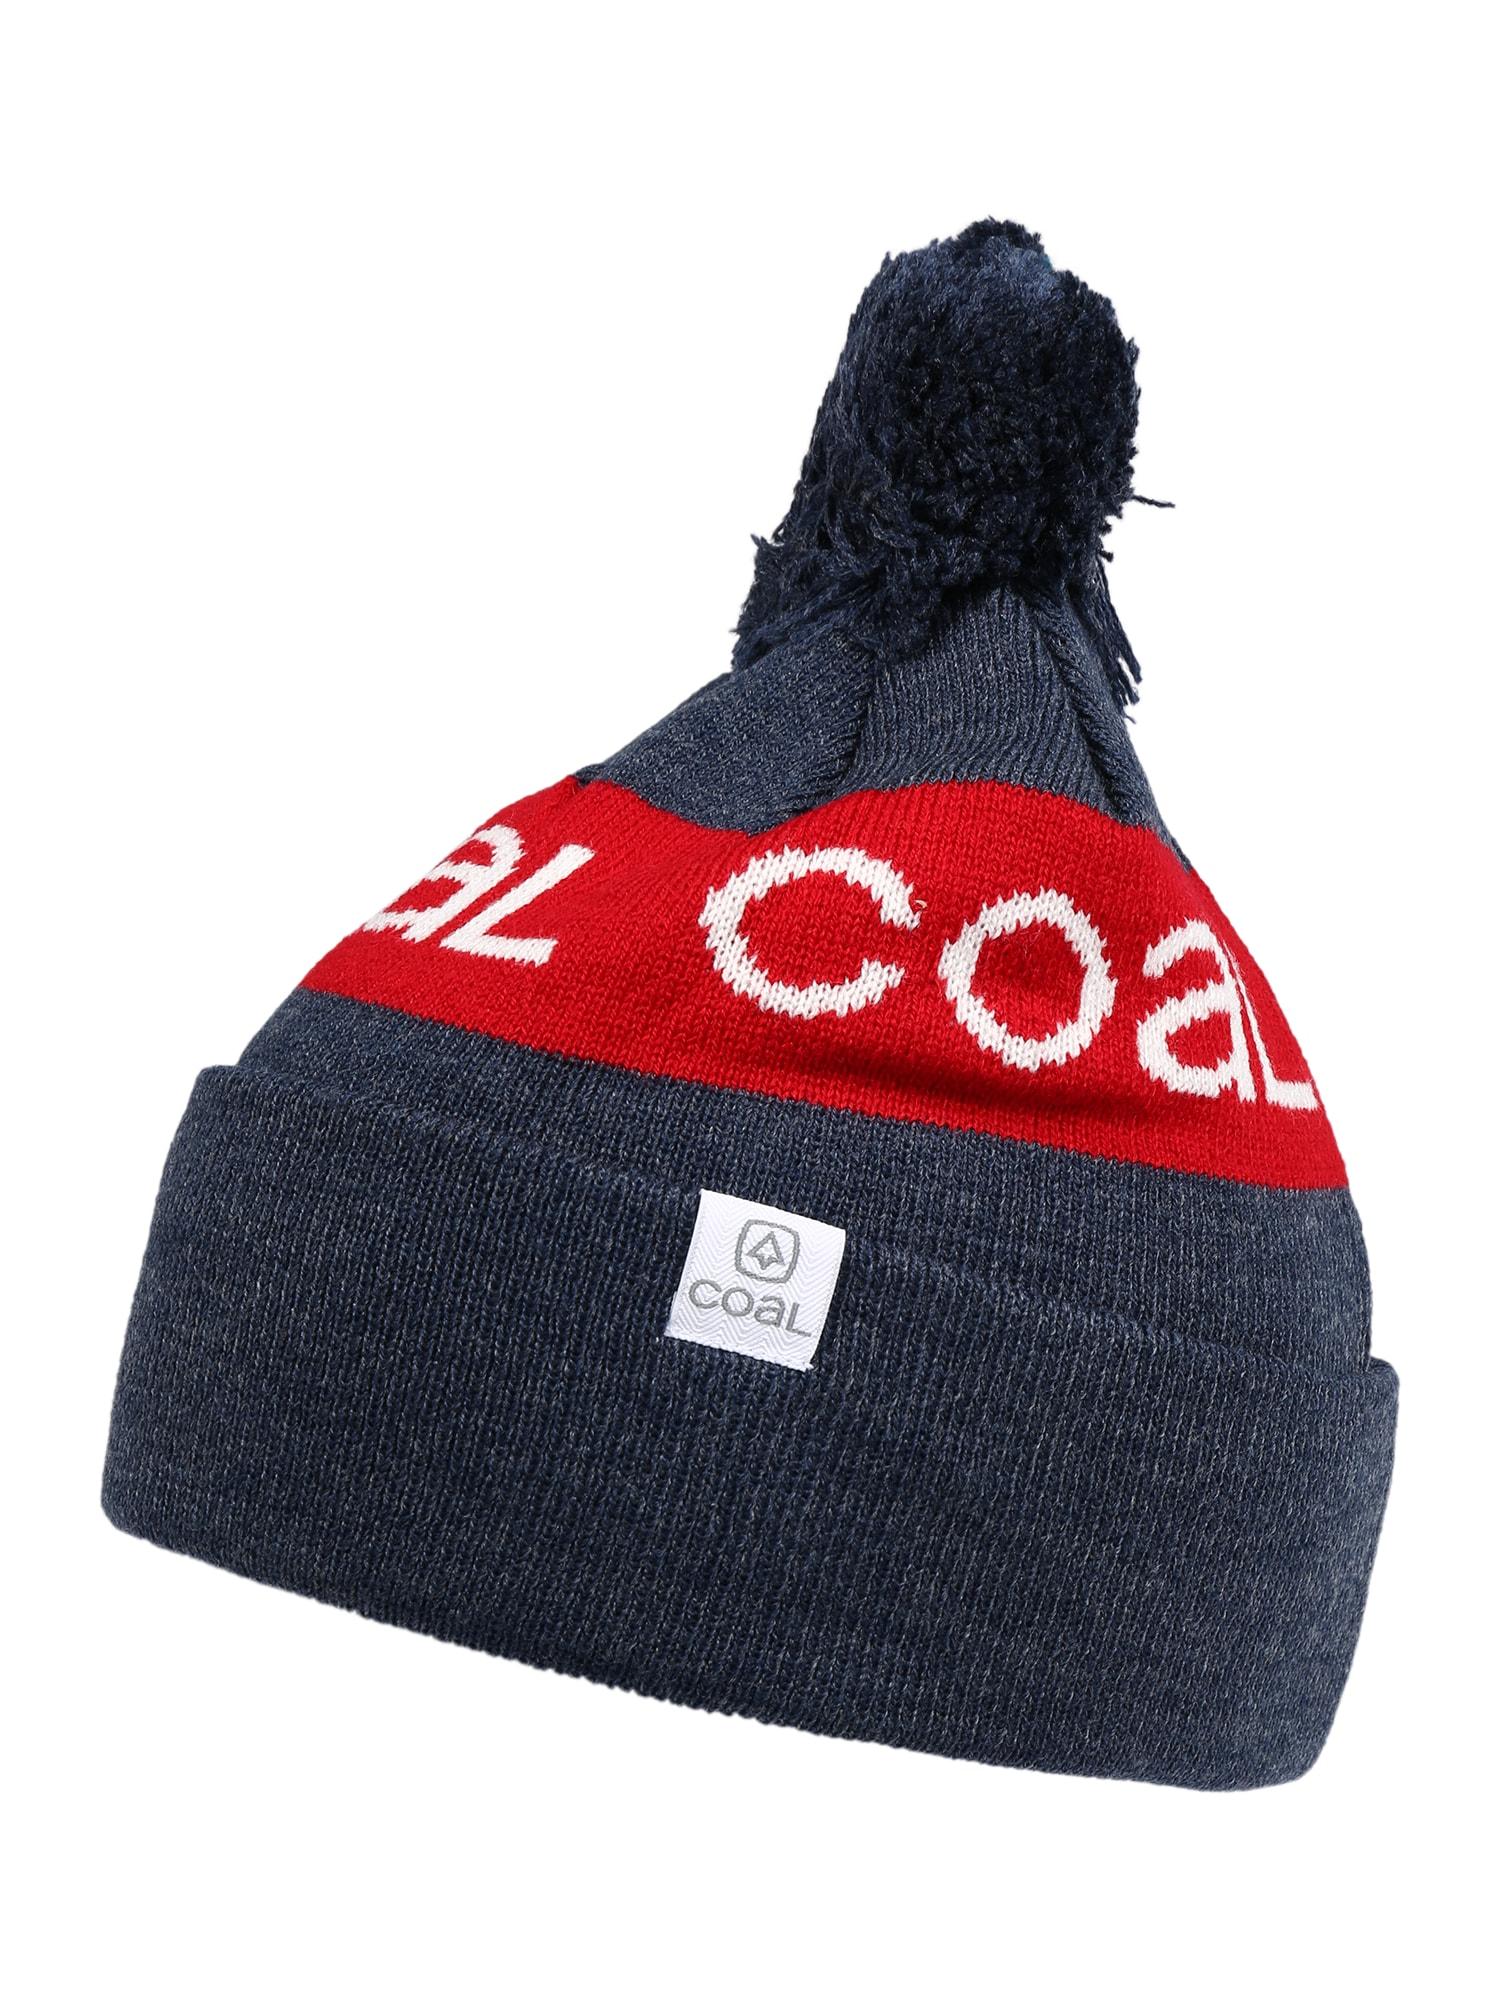 Coal Sportovní čepice  bílá / červená / námořnická modř